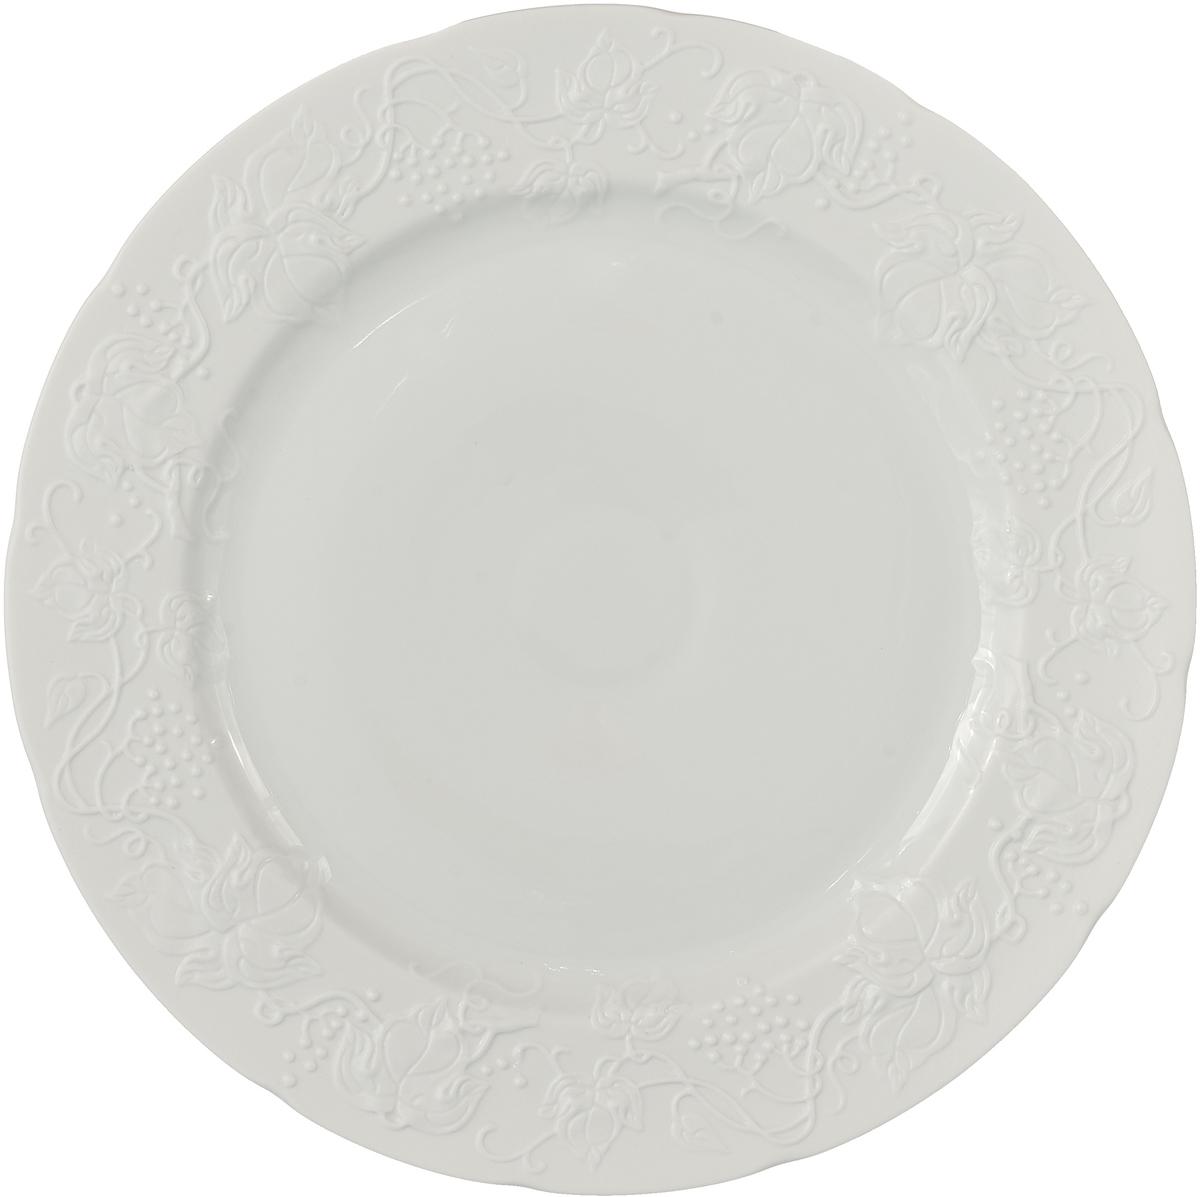 Блюдо La Rose des Sables Blanc, 3100632, белый, диаметр 32 см салатник круглый 13 см la rose des sables mimosa didon or 533913 1645